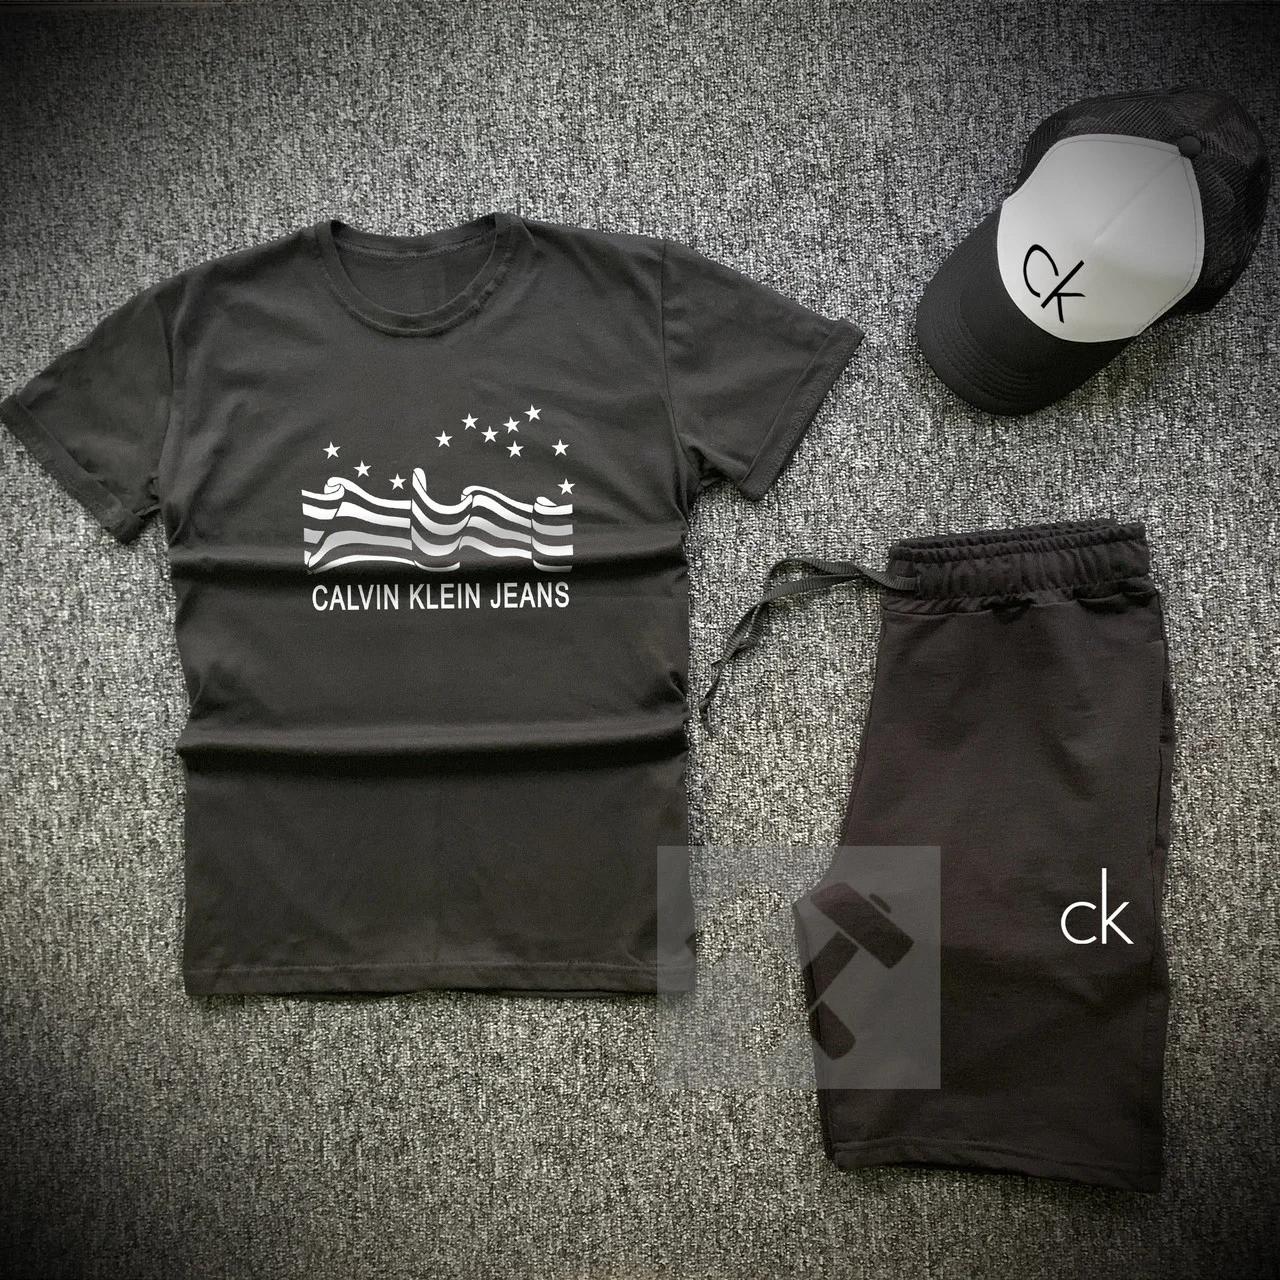 Футболка и шорты Calvin Klein черного цвета